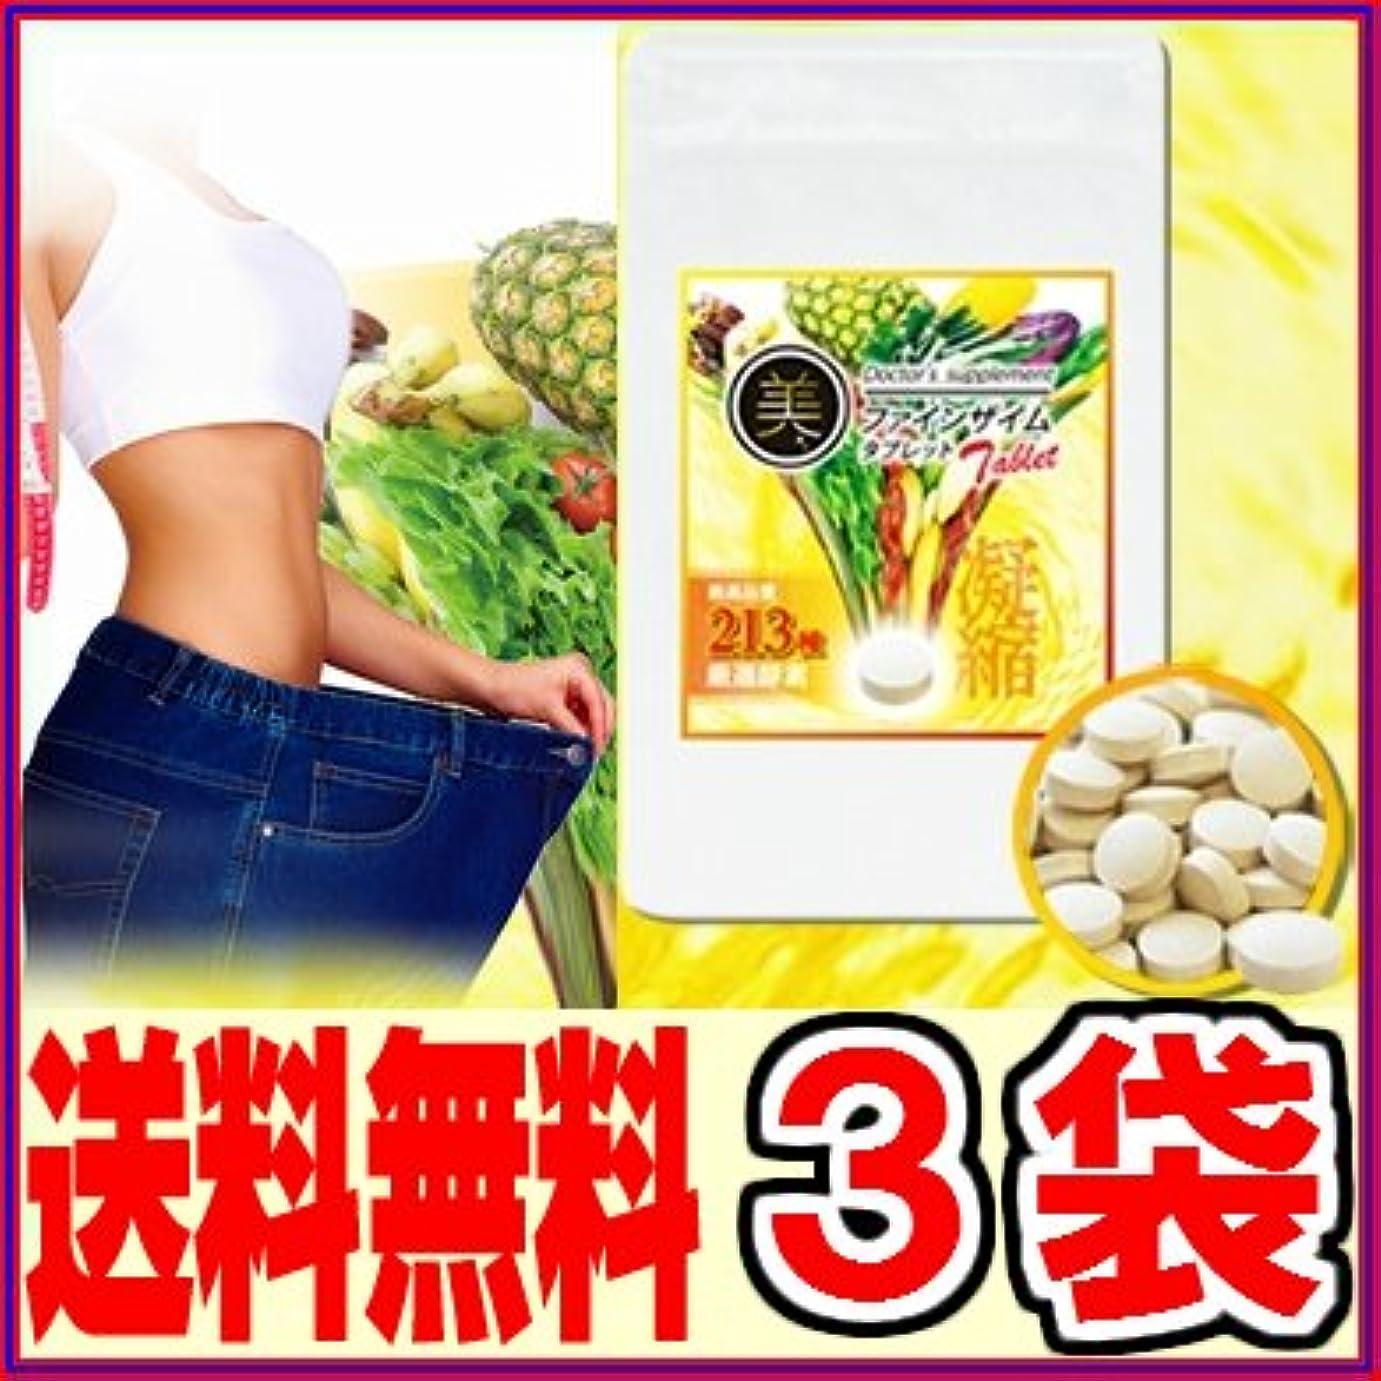 ラジエーター浅いスラック美?ファインザイム タブレット90粒 ×お得3袋セット《酵素、ダイエット、エステ、213種酵素、酵素ダイエット、マイクロ、リコピン、レスベラトロール》